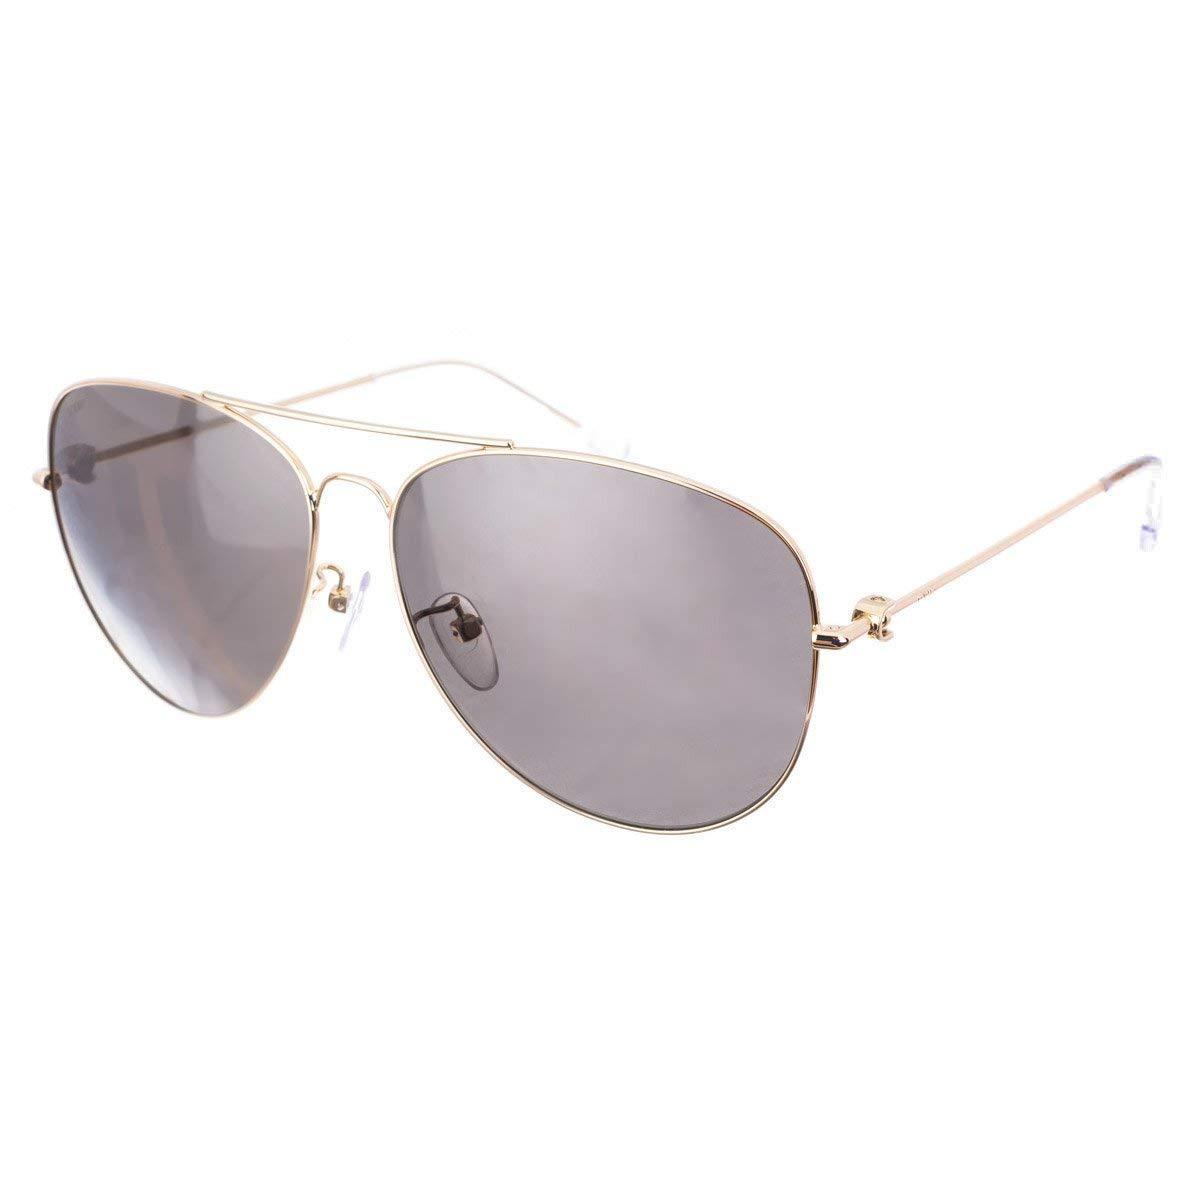 Loewe Gafas de sol: Amazon.es: Ropa y accesorios